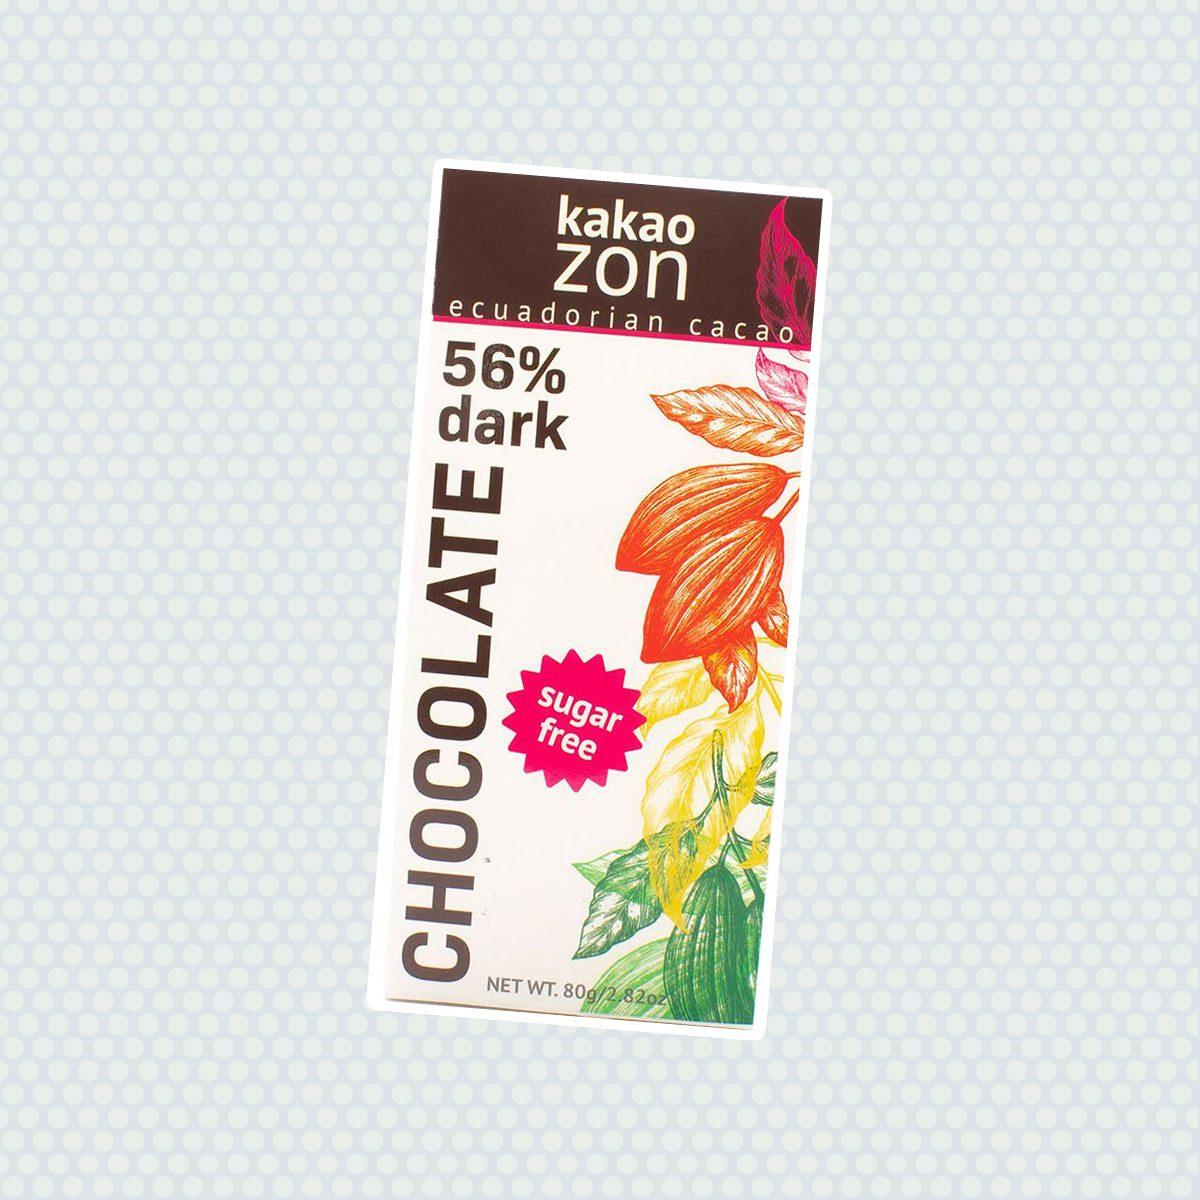 KakaoZon Dark Chocolate Bar